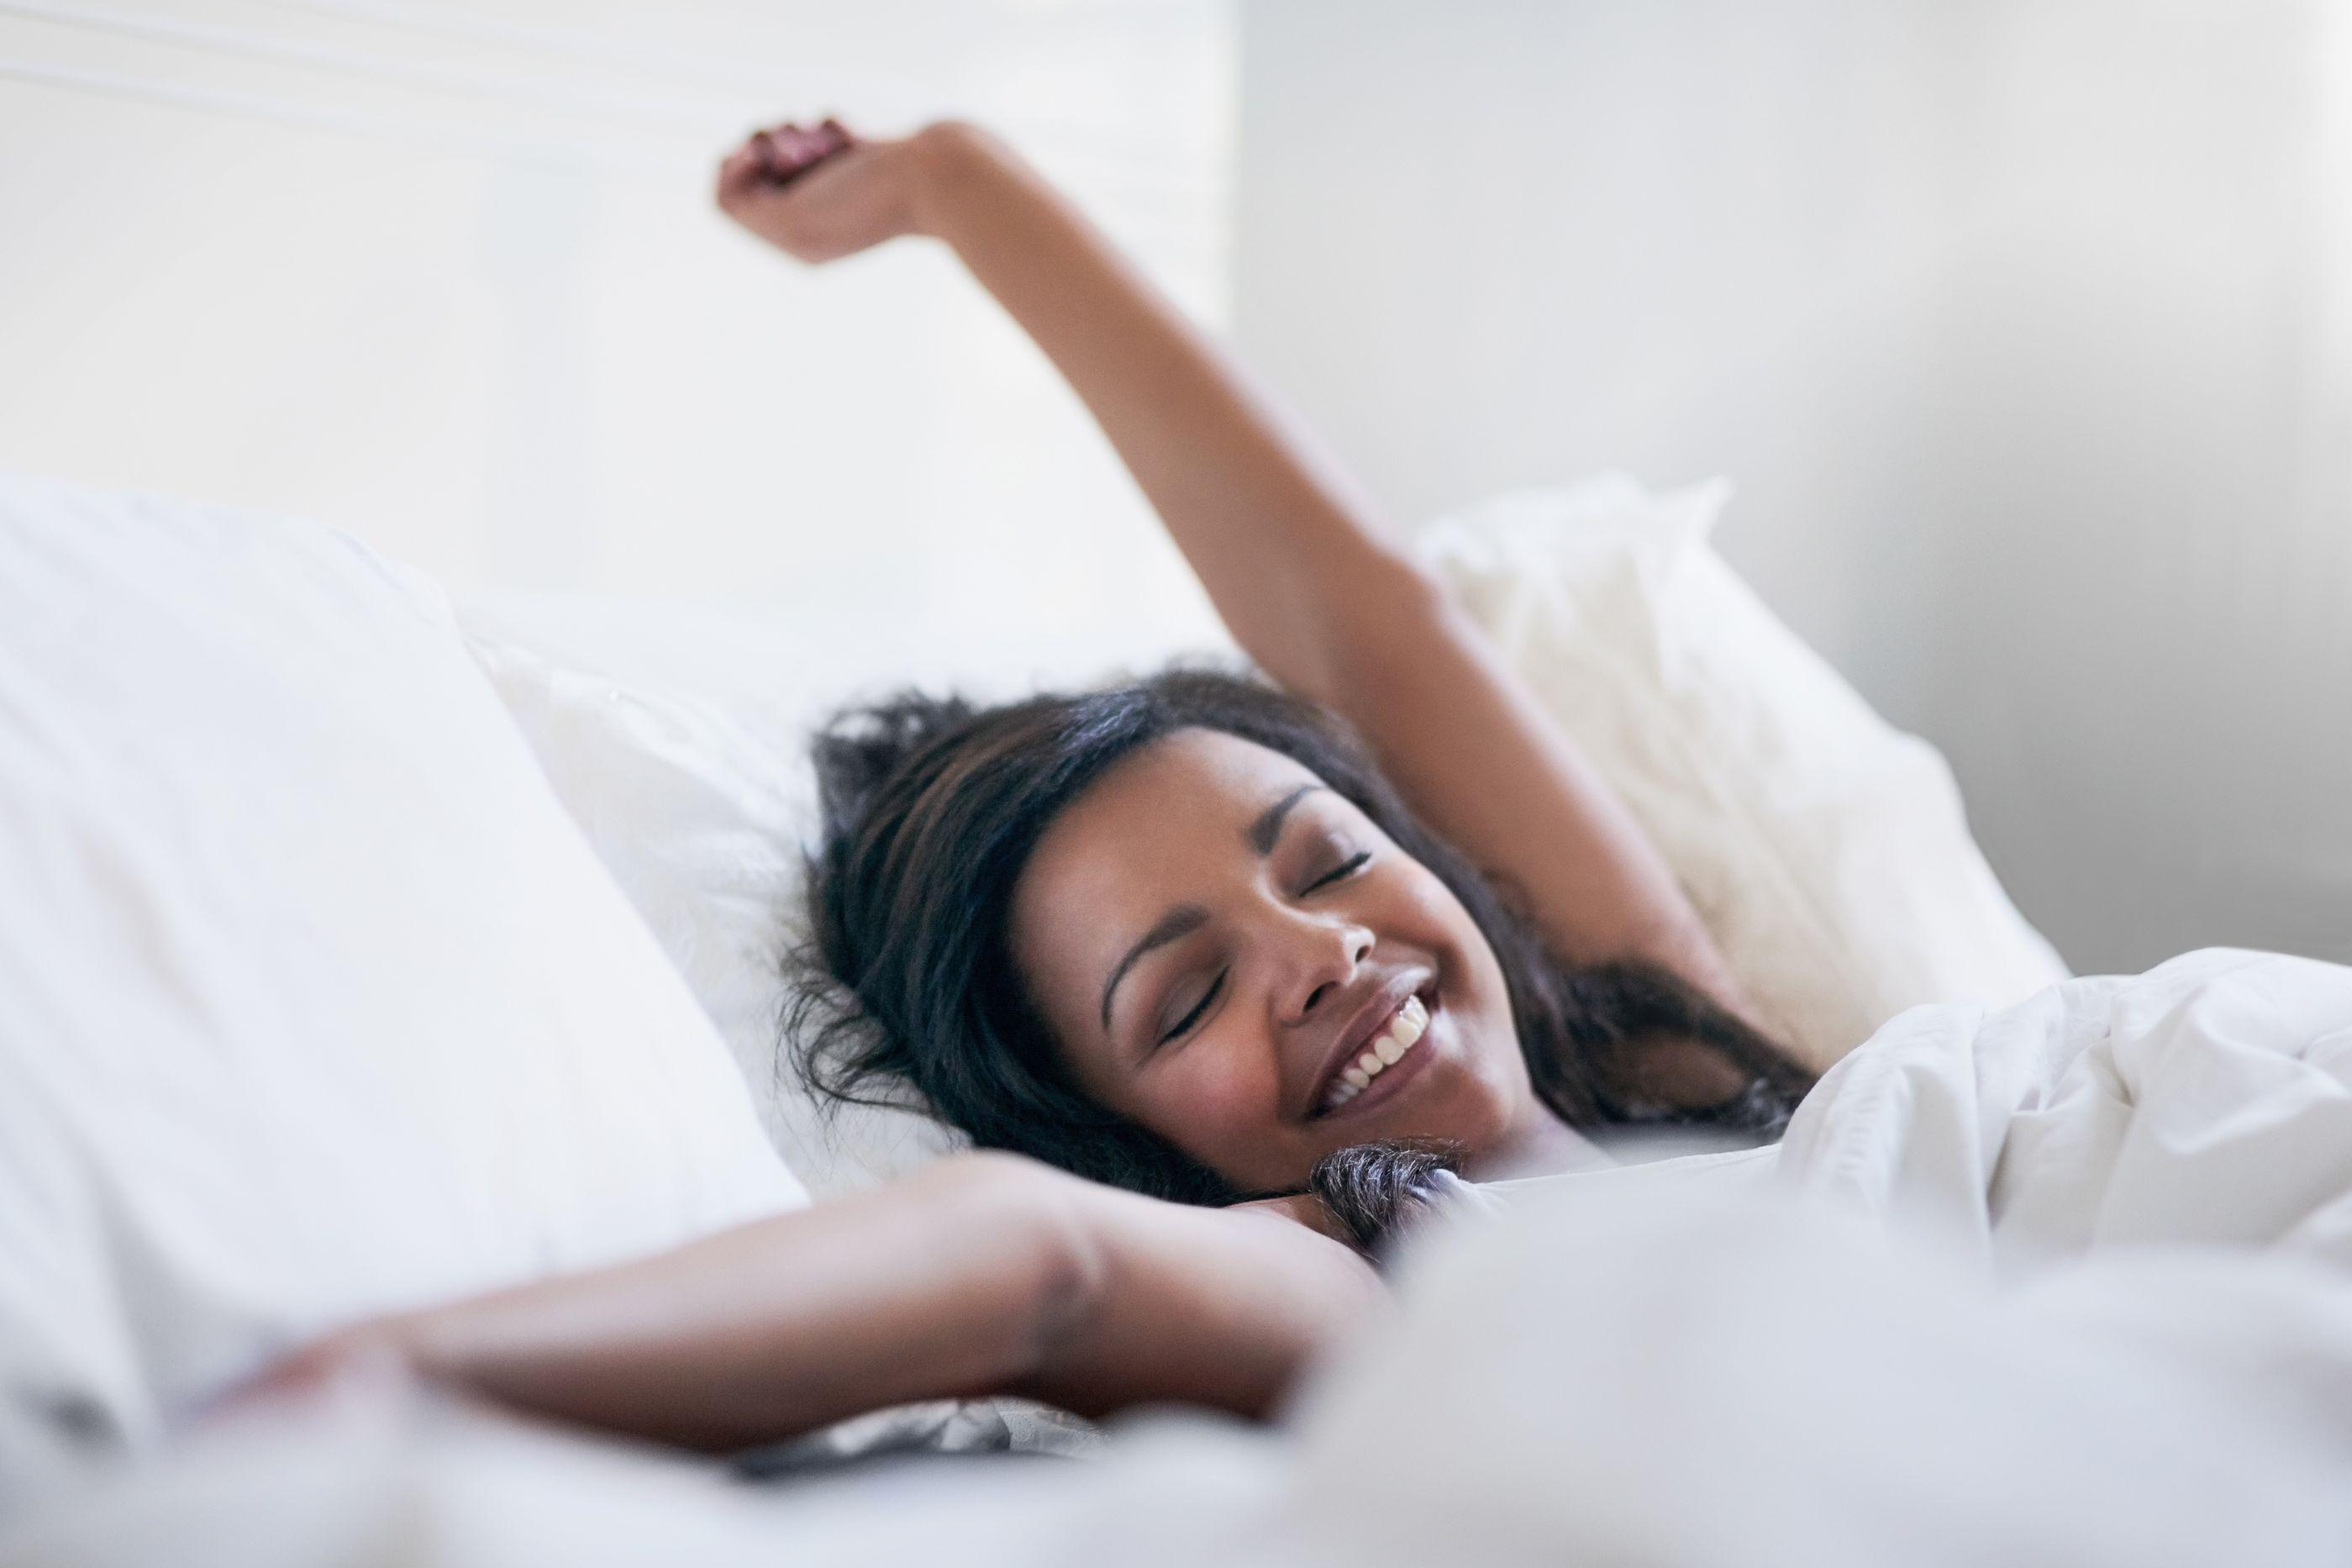 Acorde cedo, evite a depressão e aproveite os benefícios do sol